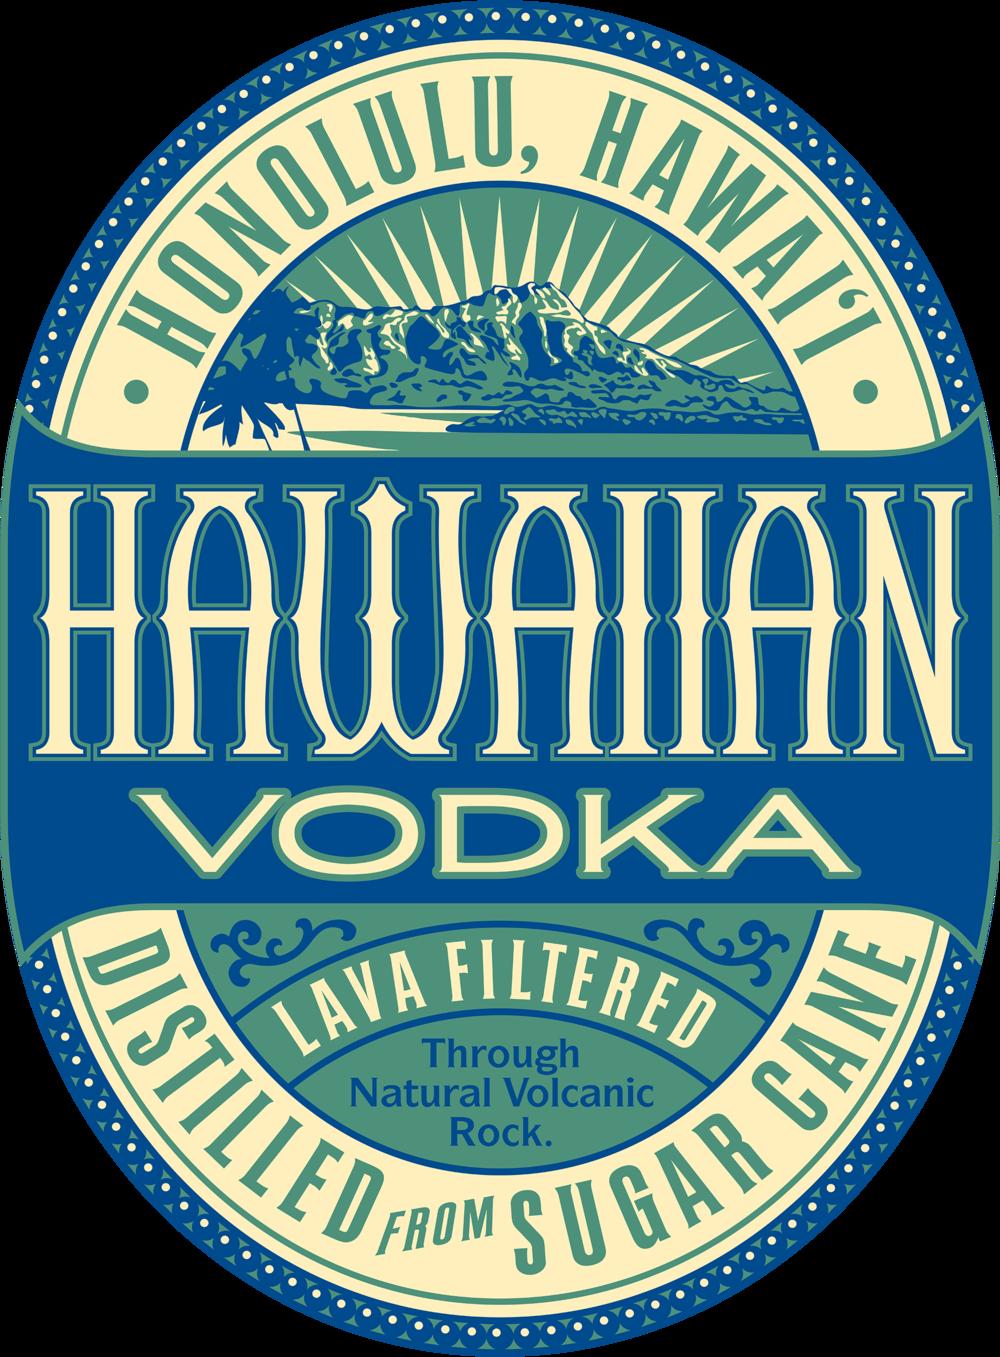 Hawaiian Vodka logo.png